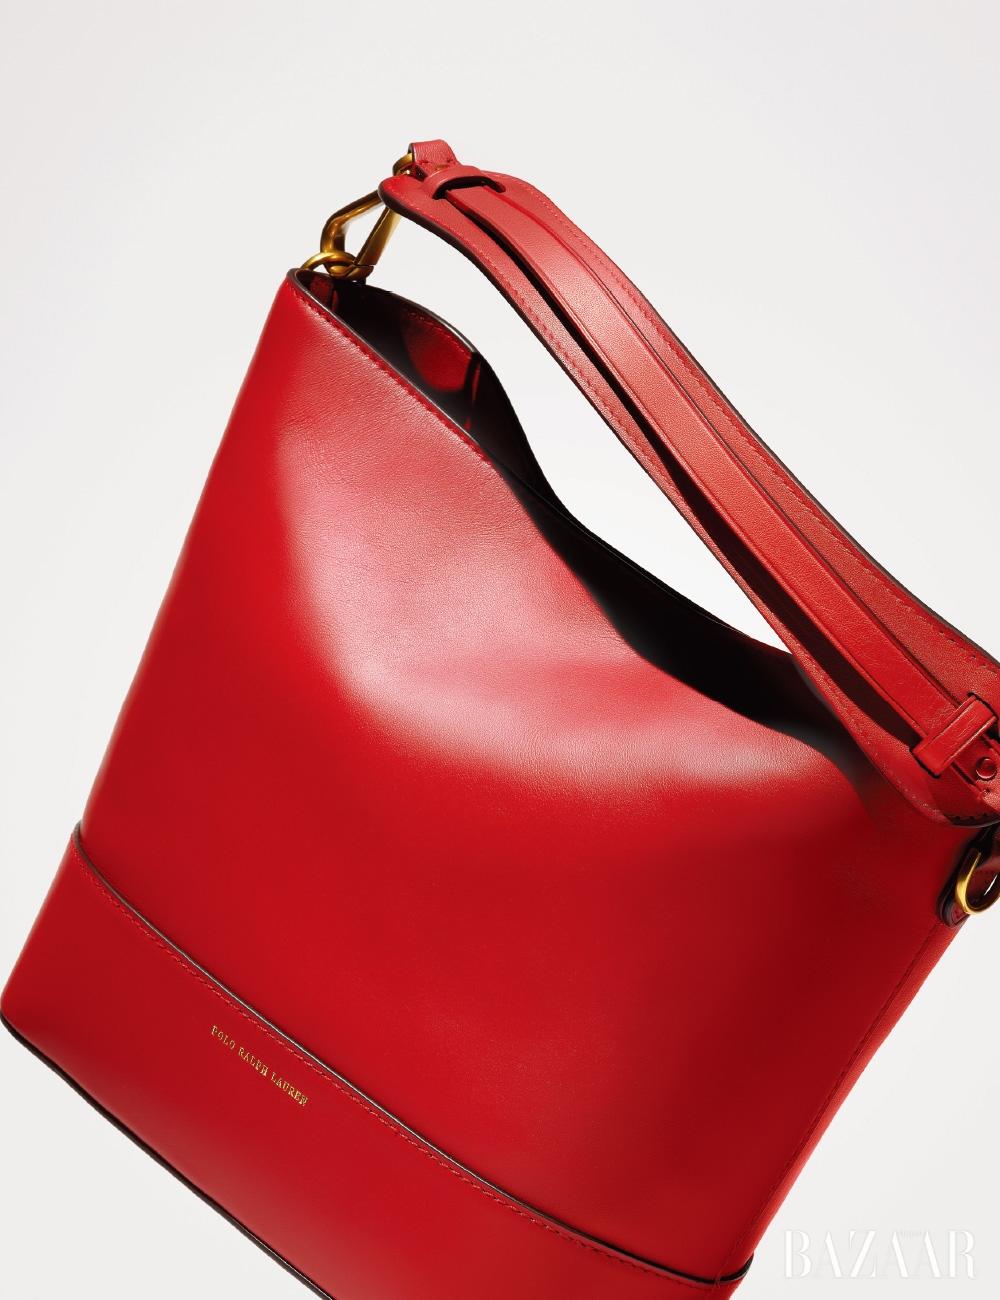 스몰 사이즈 '설리번 스퀘어' 버킷 백은 59만원대 Polo Ralph Lauren.